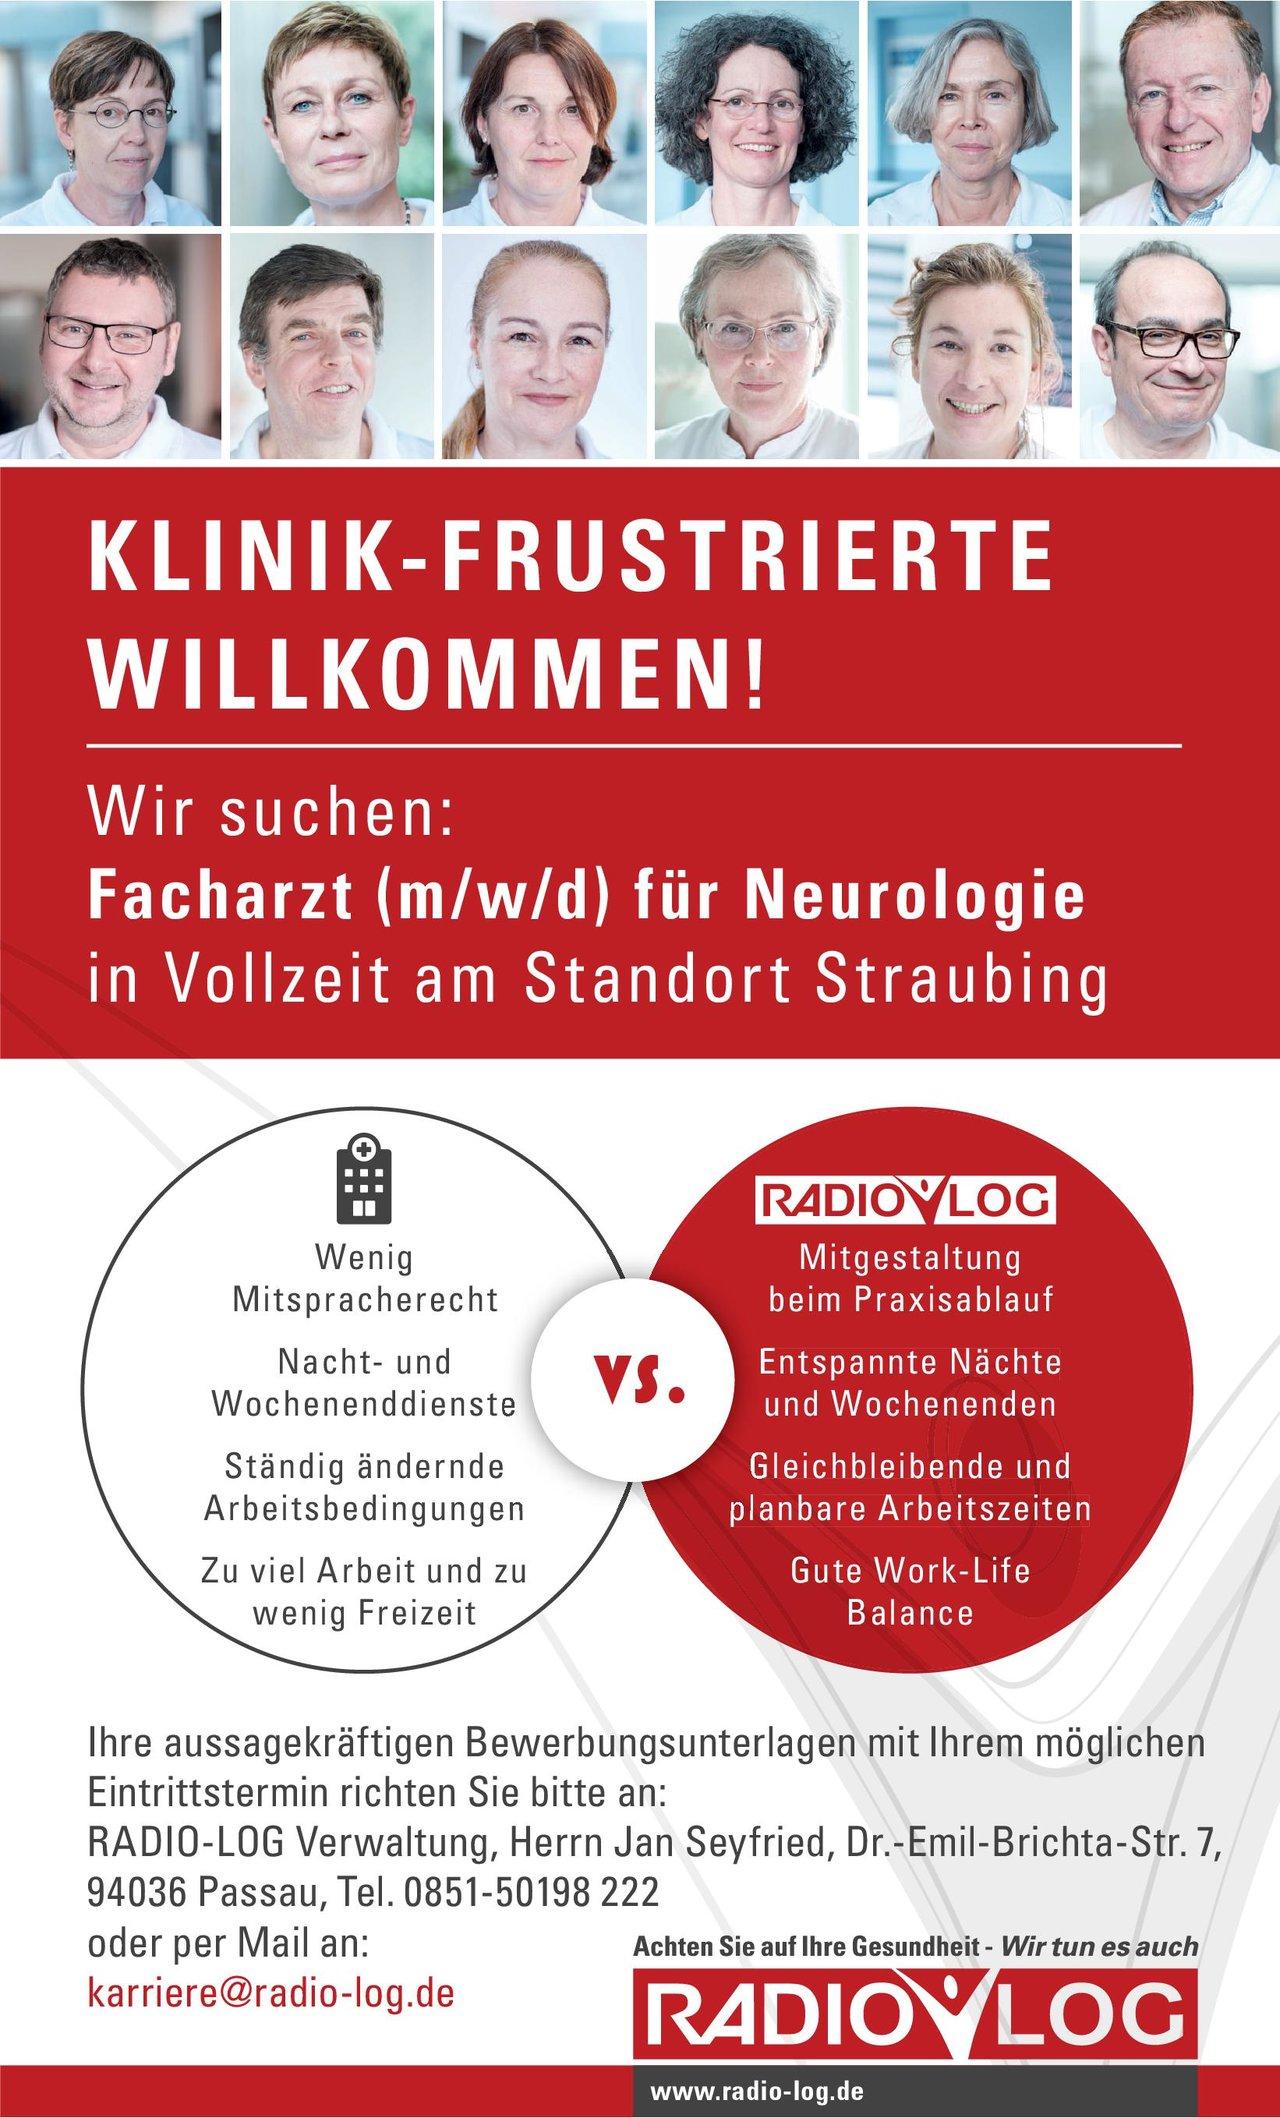 RADIO-LOG Facharzt (m/w/d) für Neurologie Neurologie Arzt / Facharzt